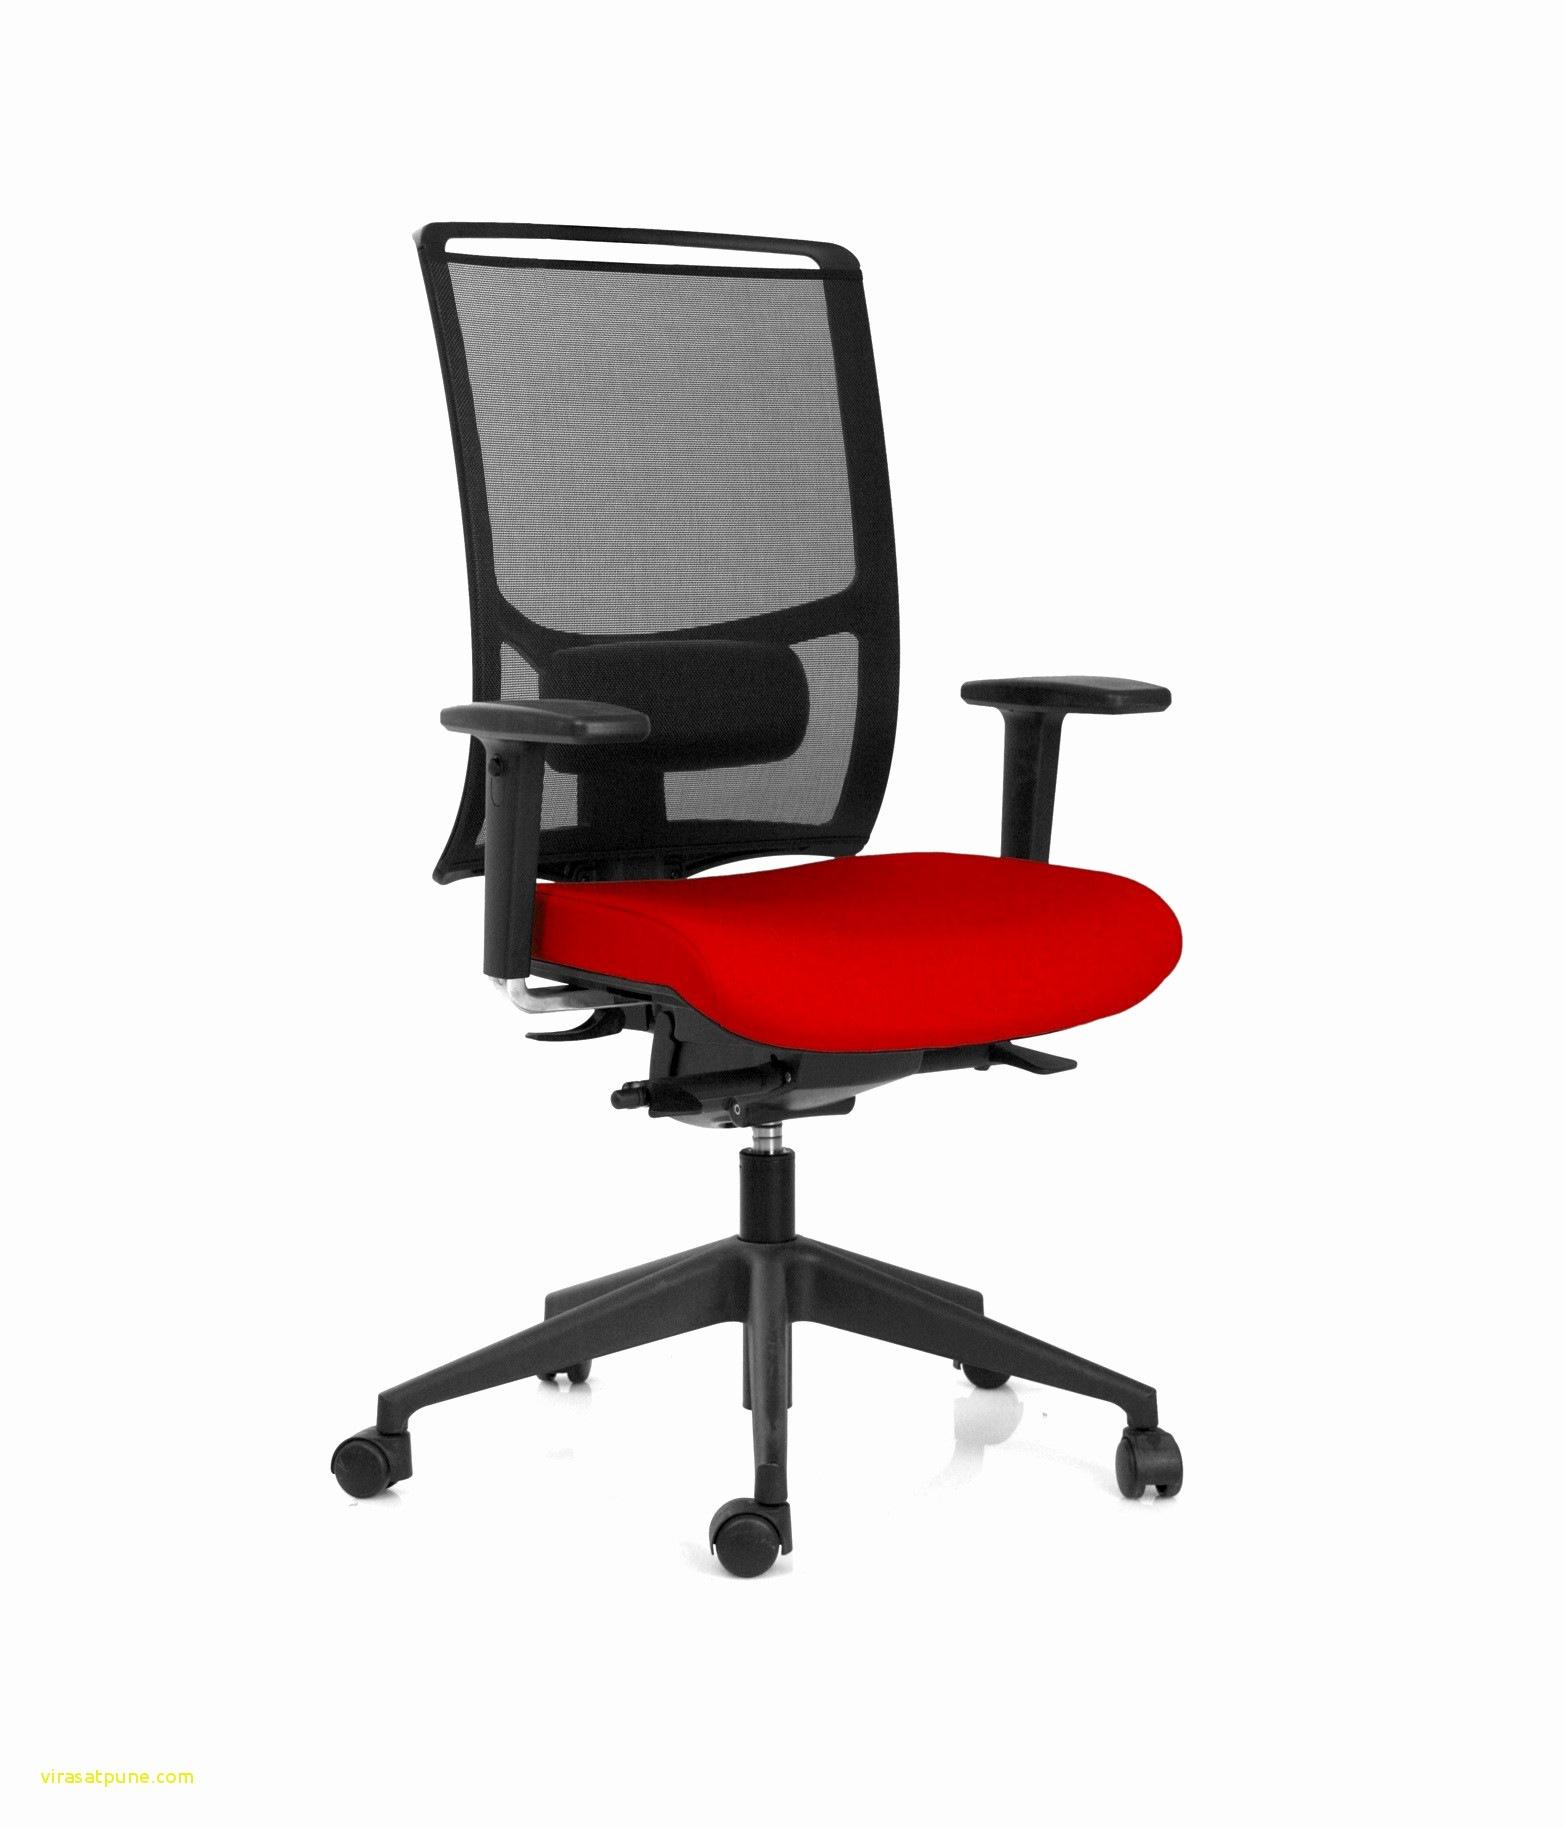 Chaise Transparente but Unique Image Chaise Bureau Transparente Nouveau Chaise De Bureau Transparente